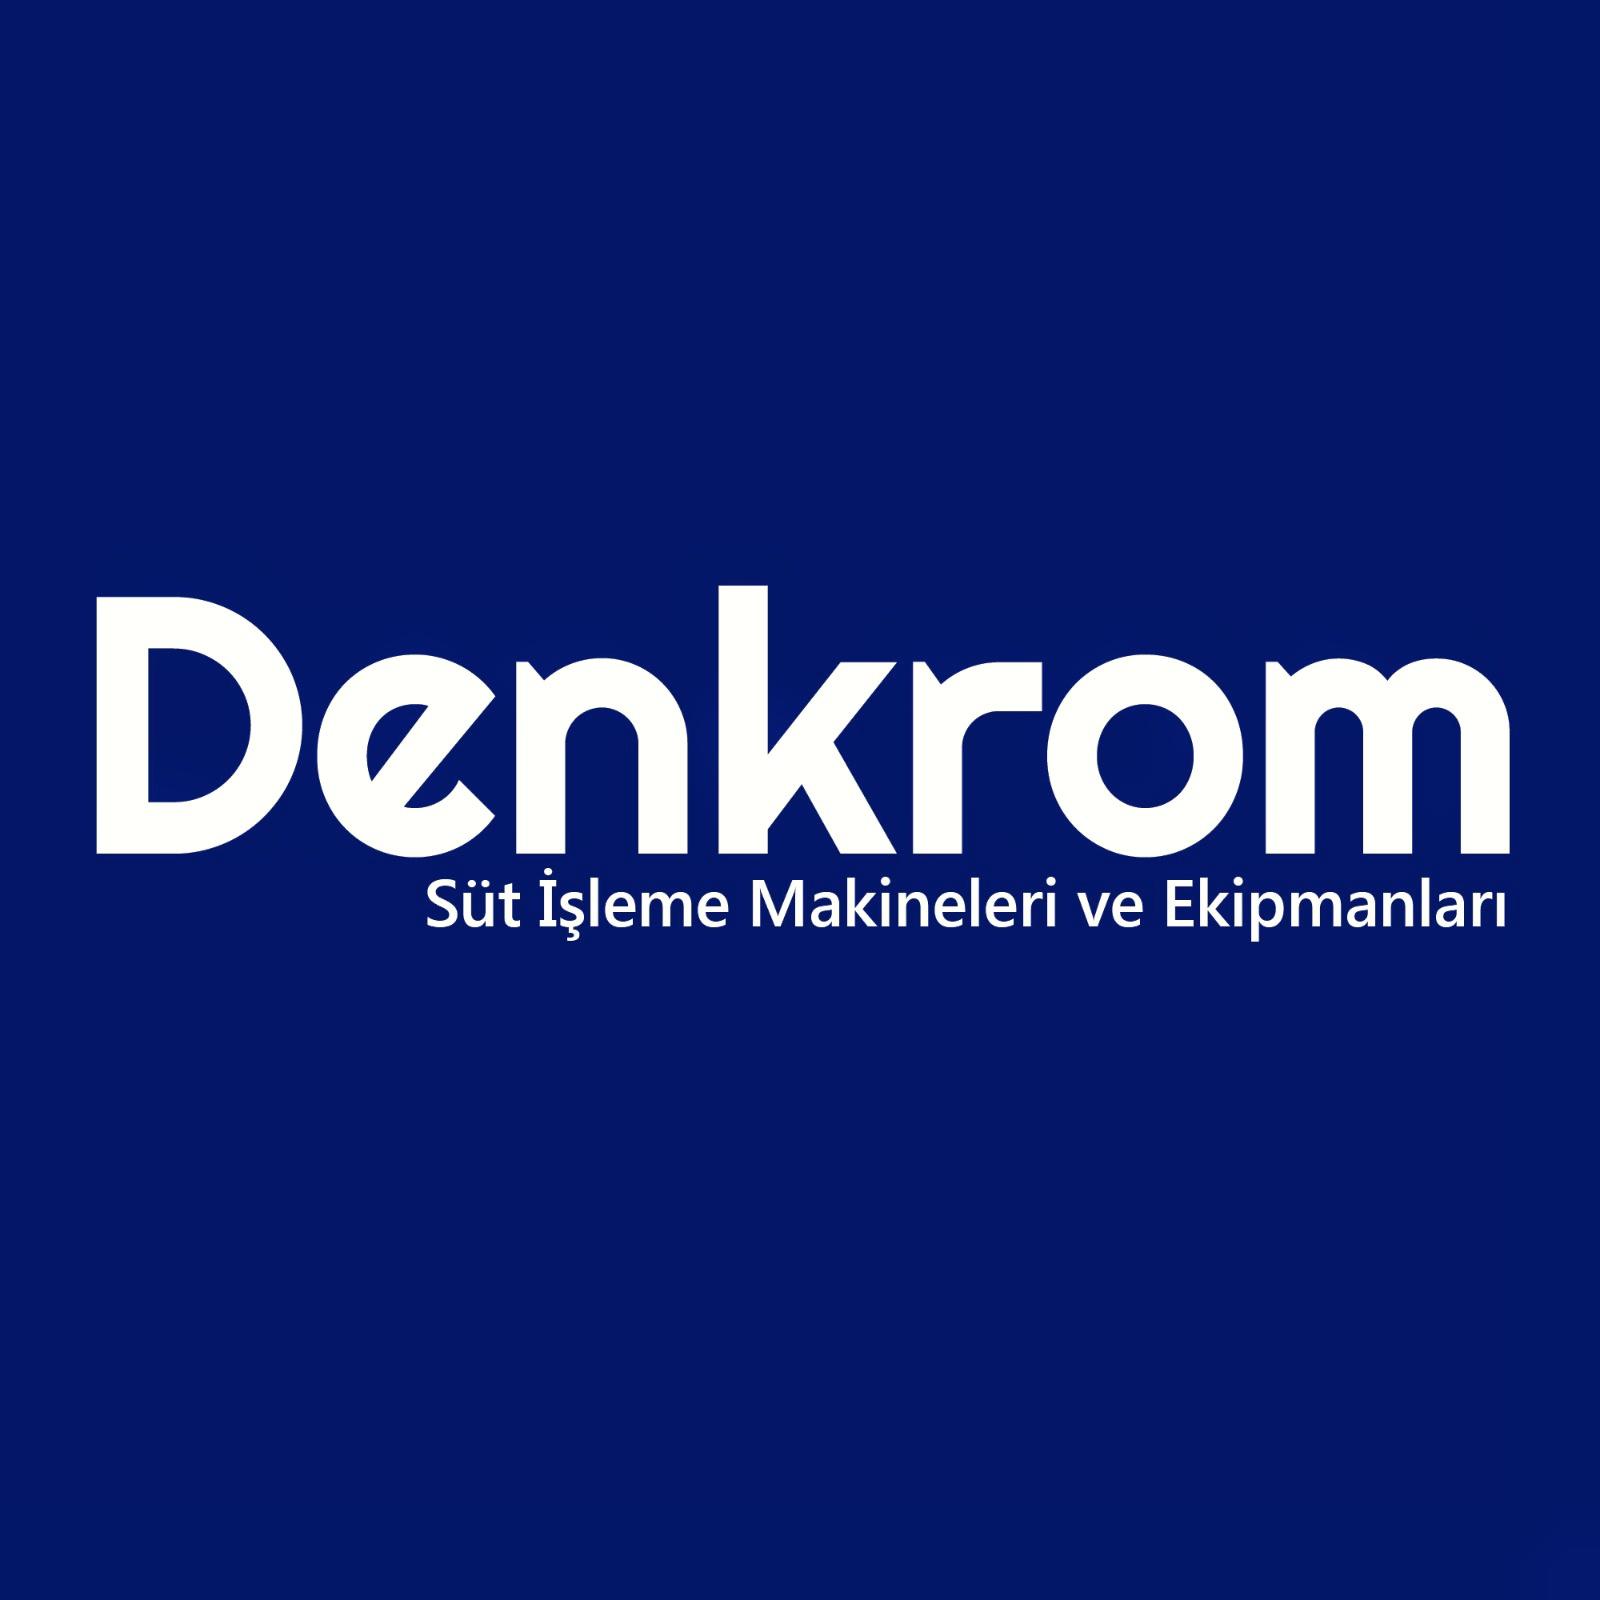 Denkrom Makina